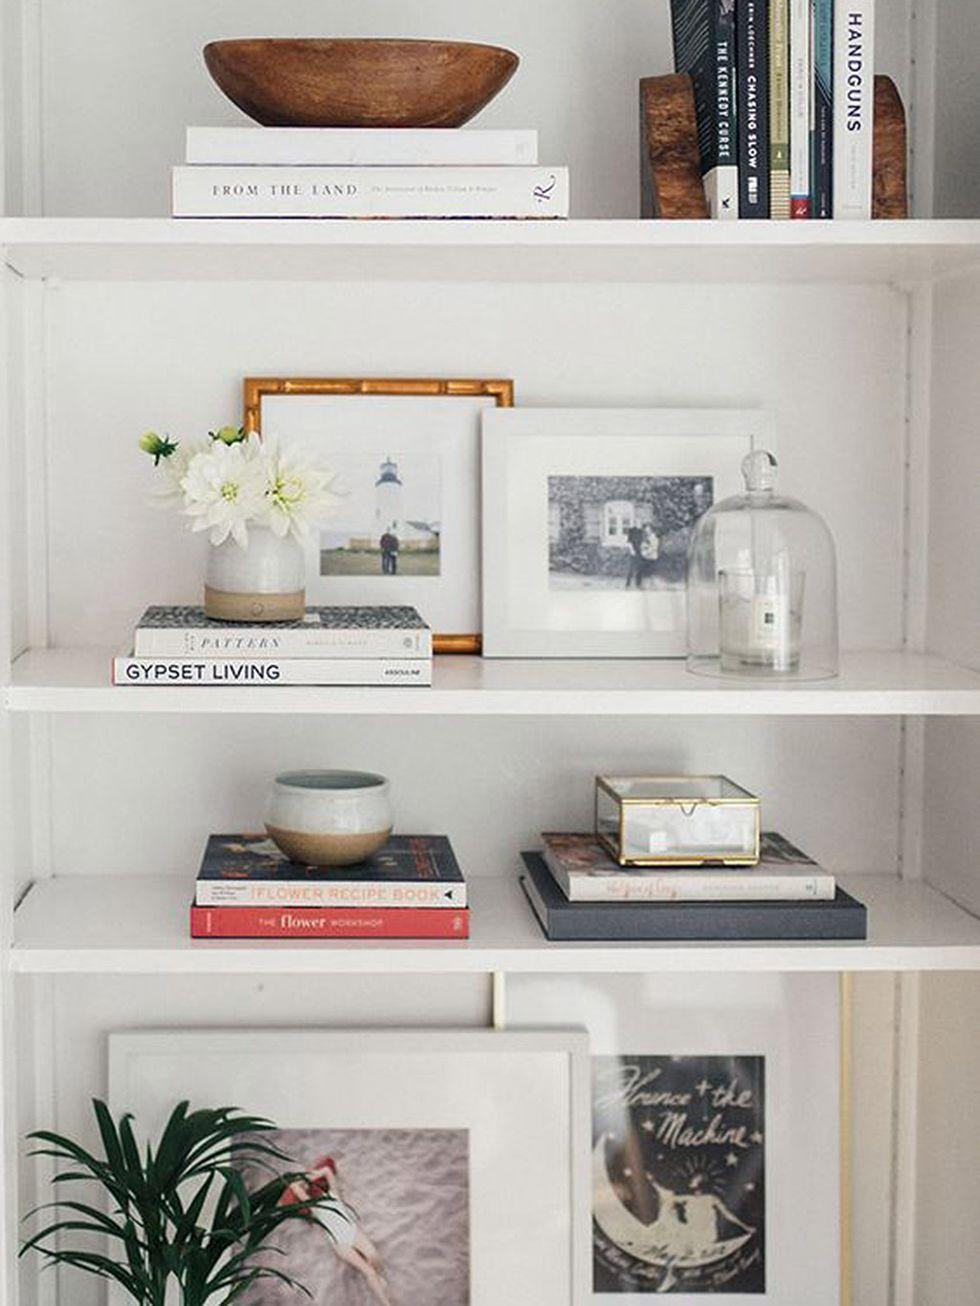 Kitchen Box Shelf For Recipe Books Kitchen Box Shelves Box Shelves